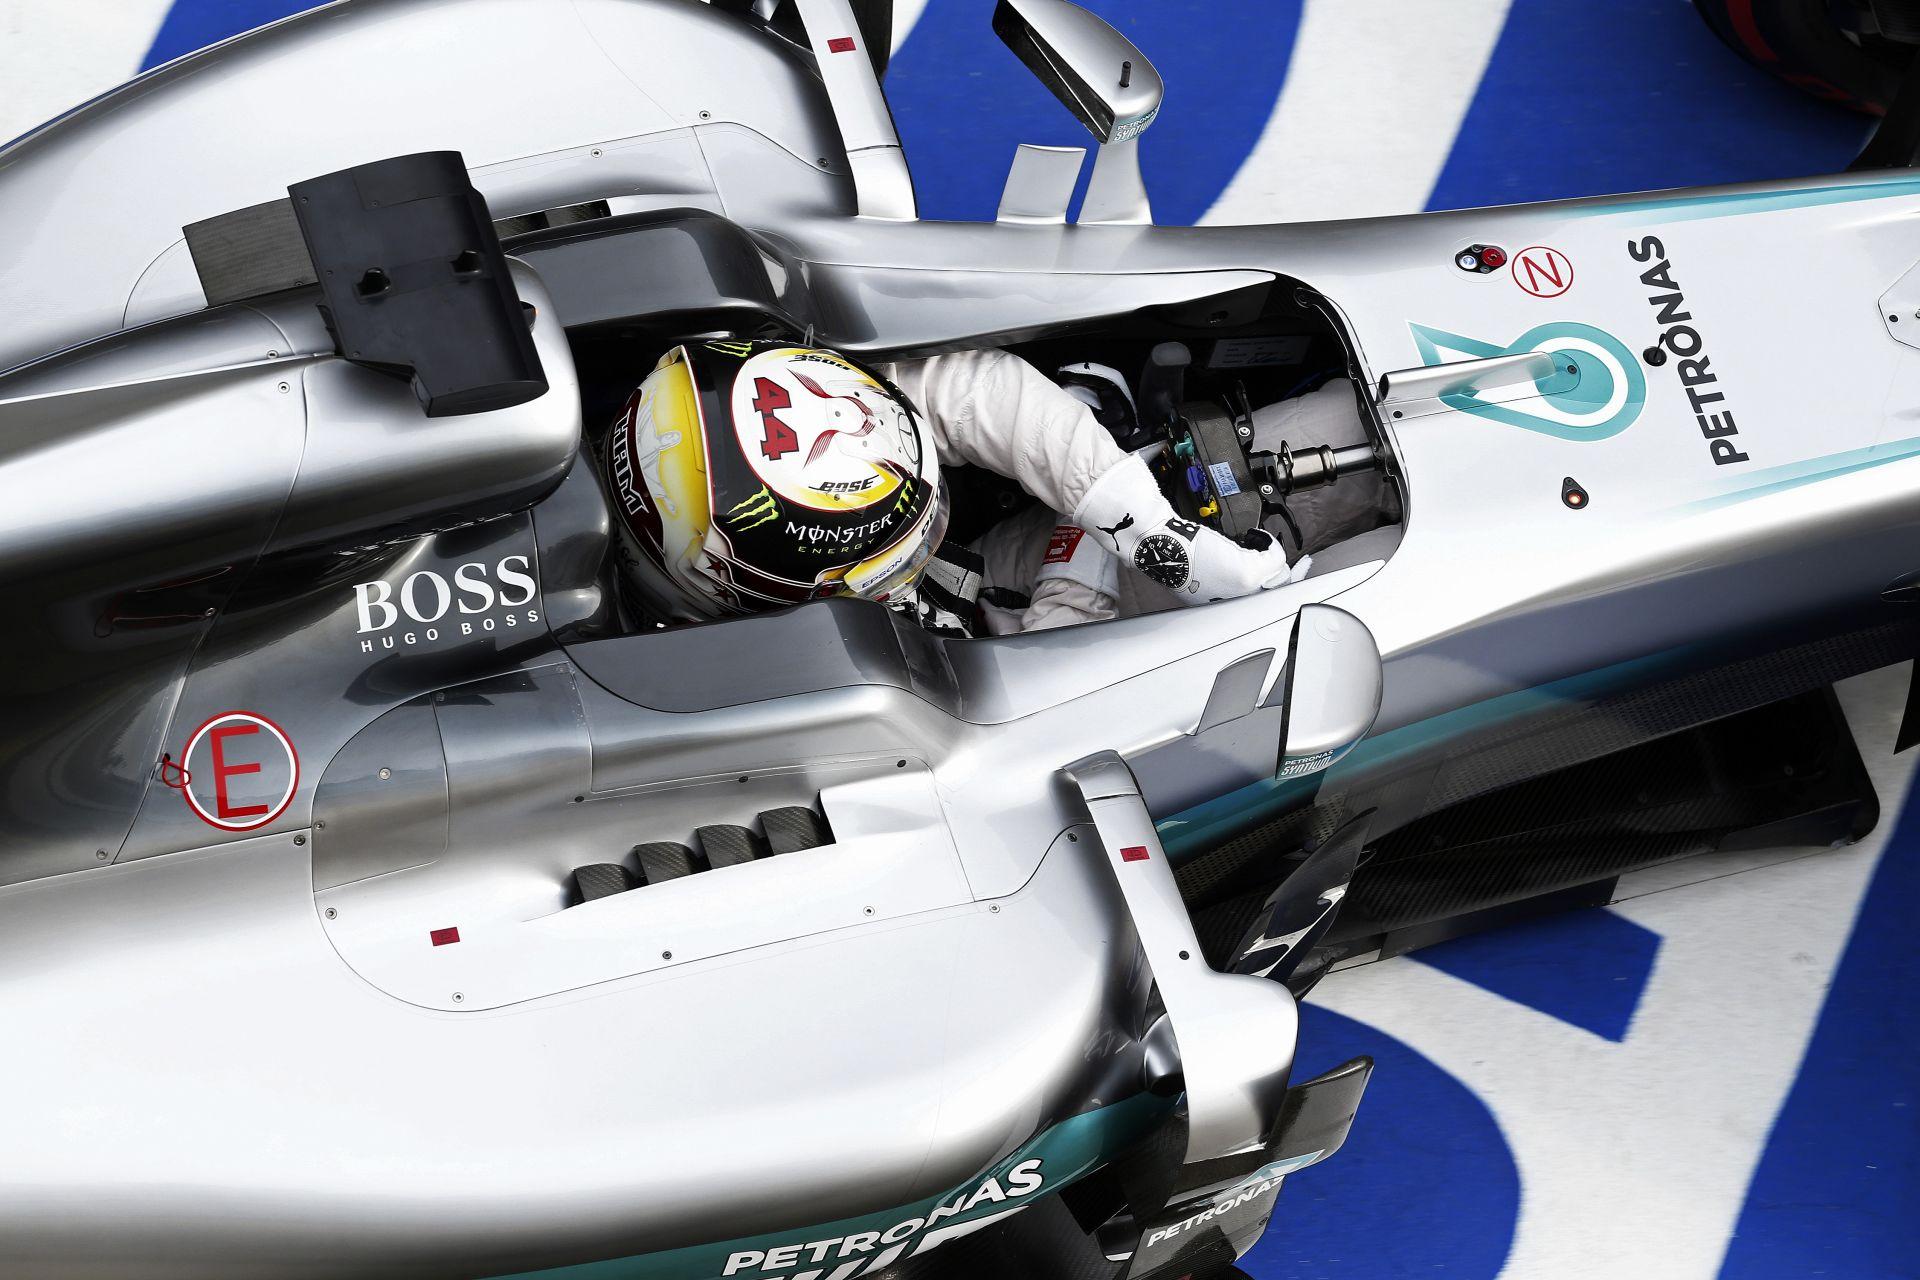 """Hamilton: """"Semmivel nem tartozom a Forma-1-nek, mert mindenki másnál jobban hirdetem azt..."""""""